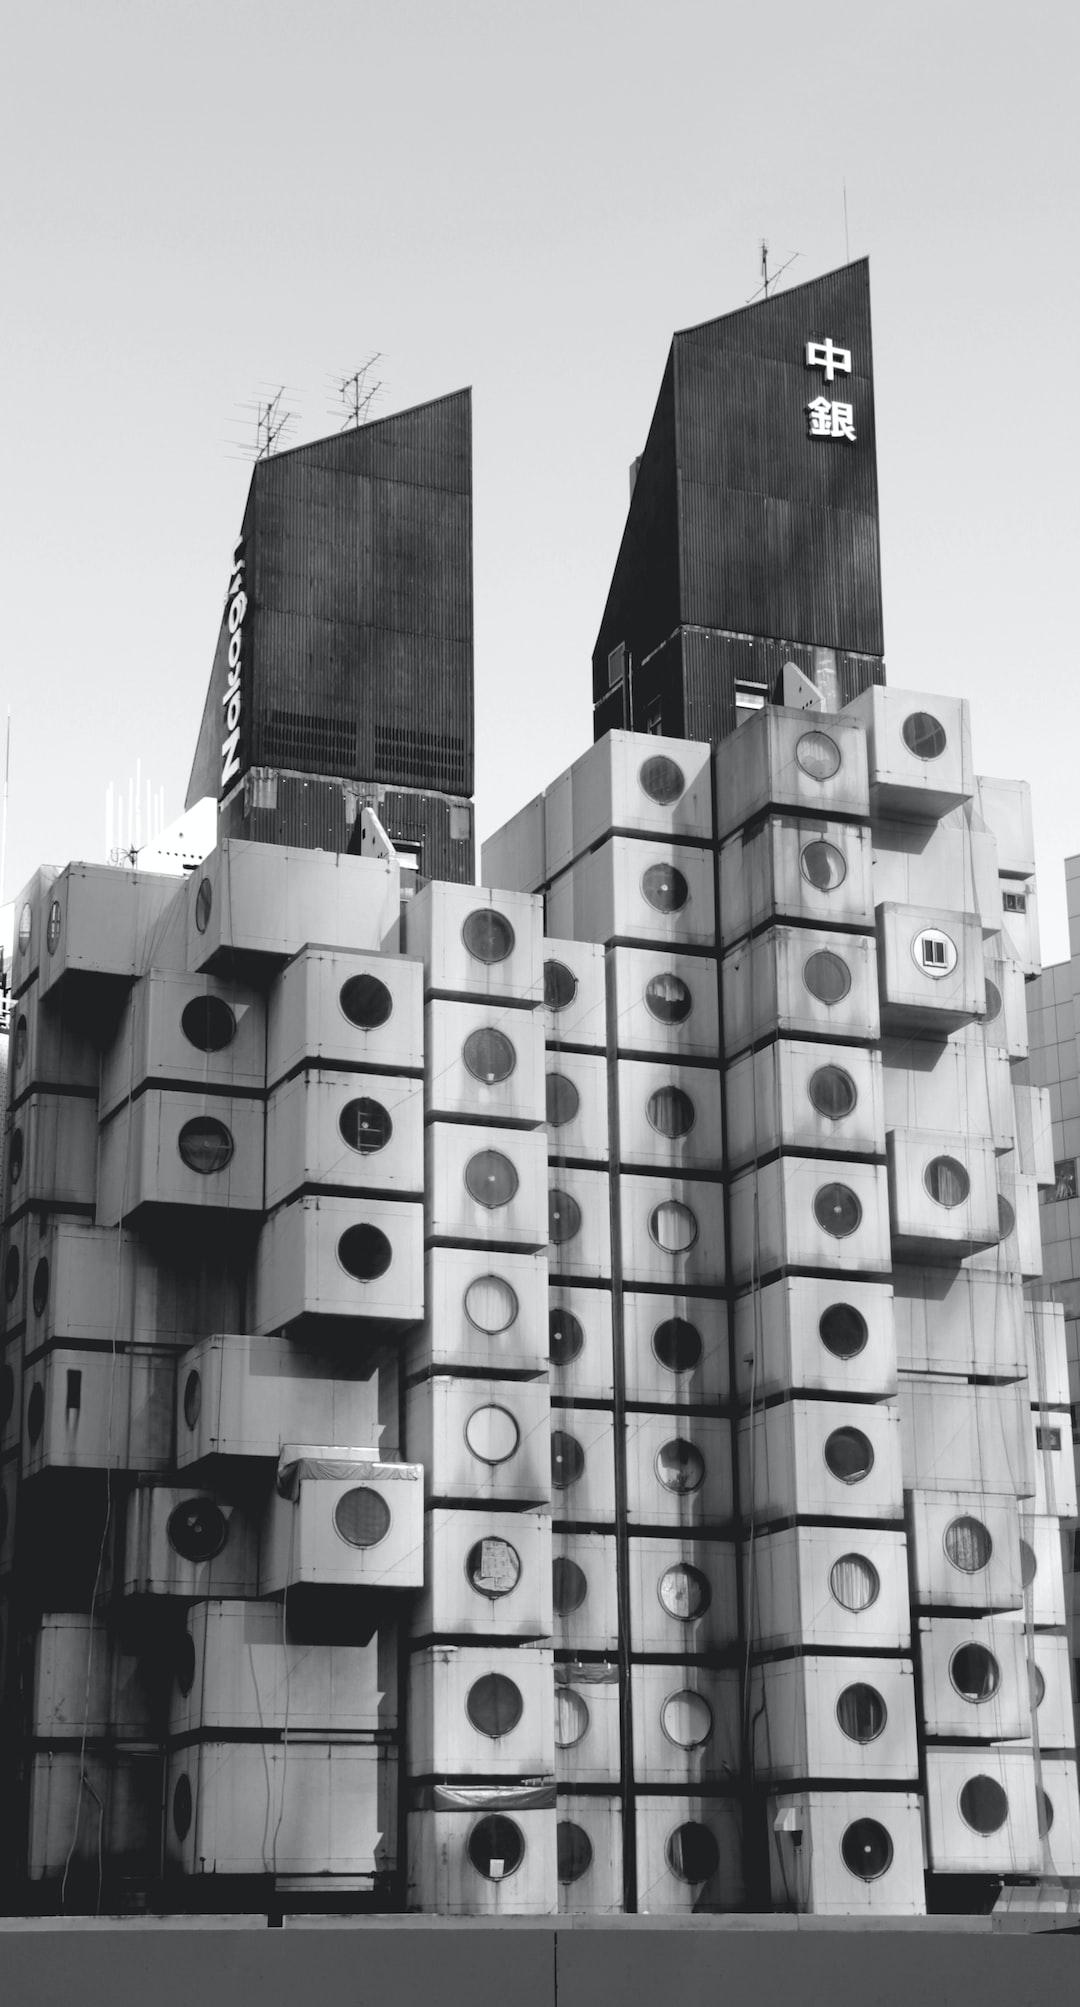 A modular Japanese structure. Inspiring to gaze upon